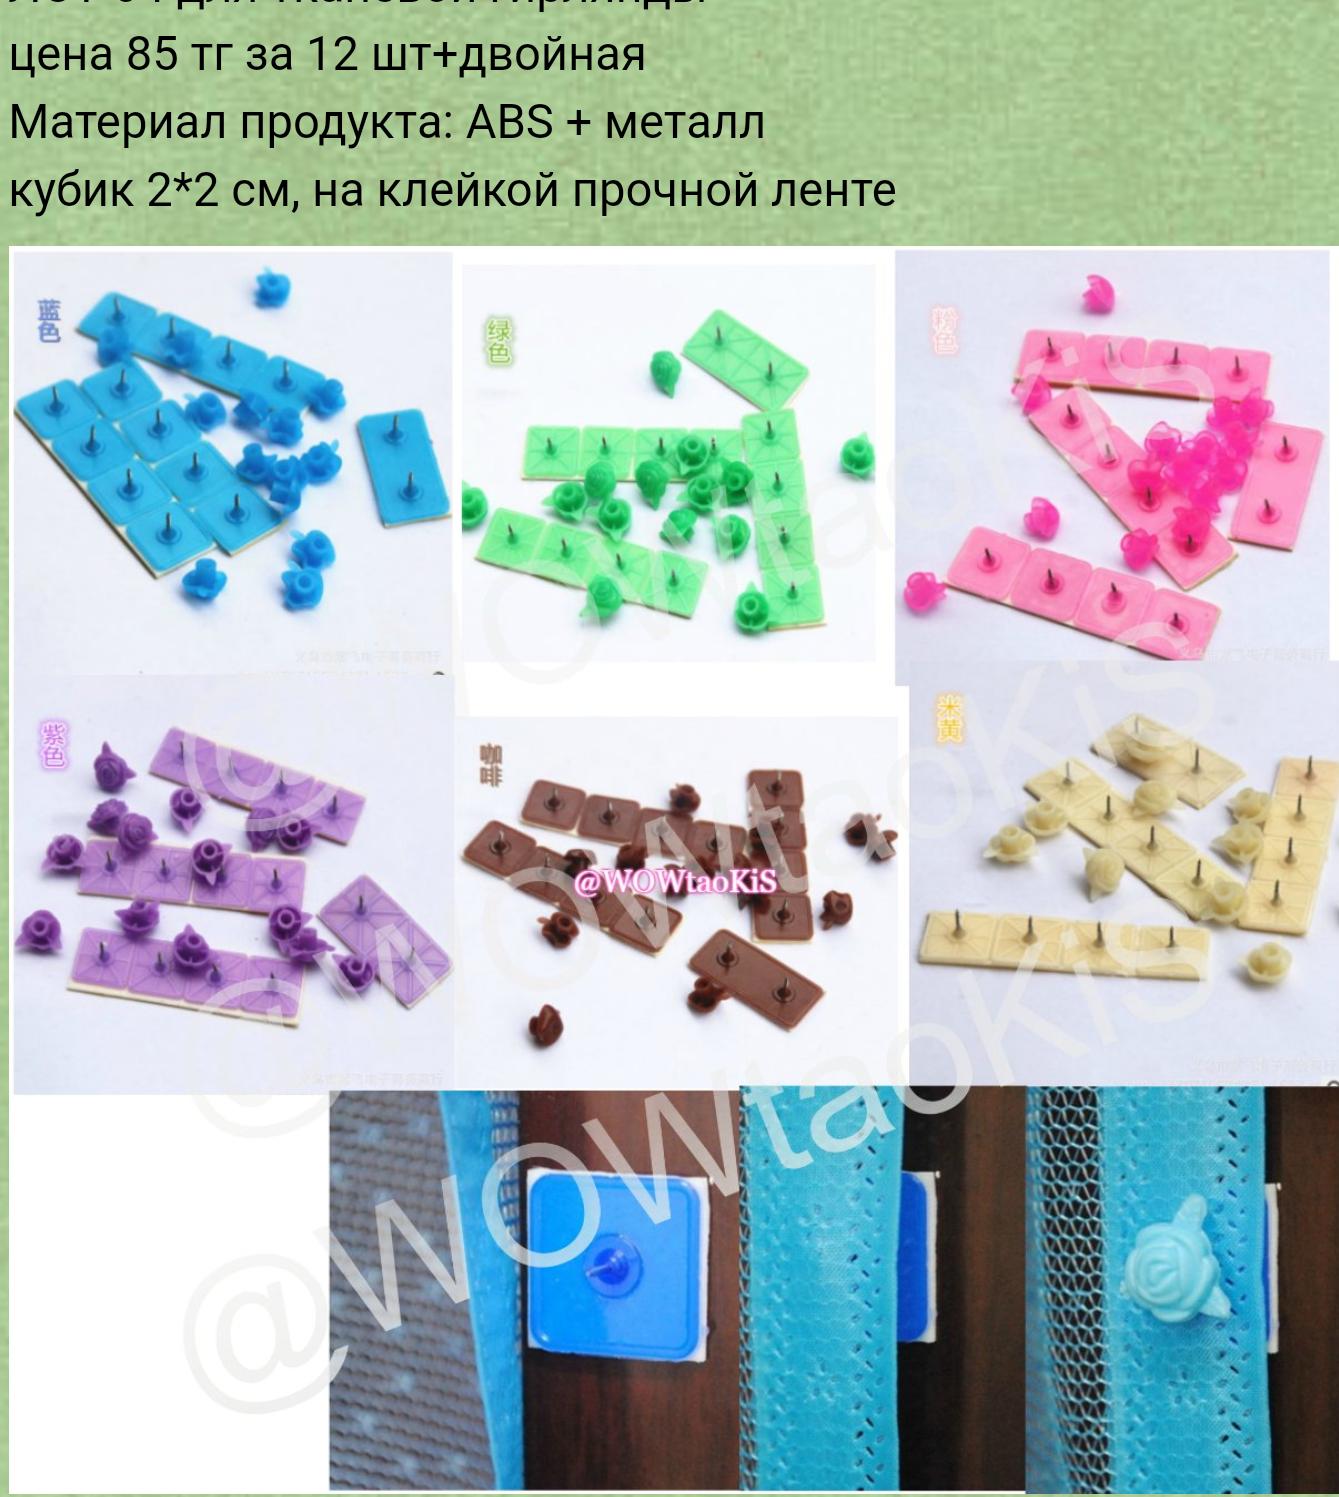 http://s8.uplds.ru/ql7TG.png